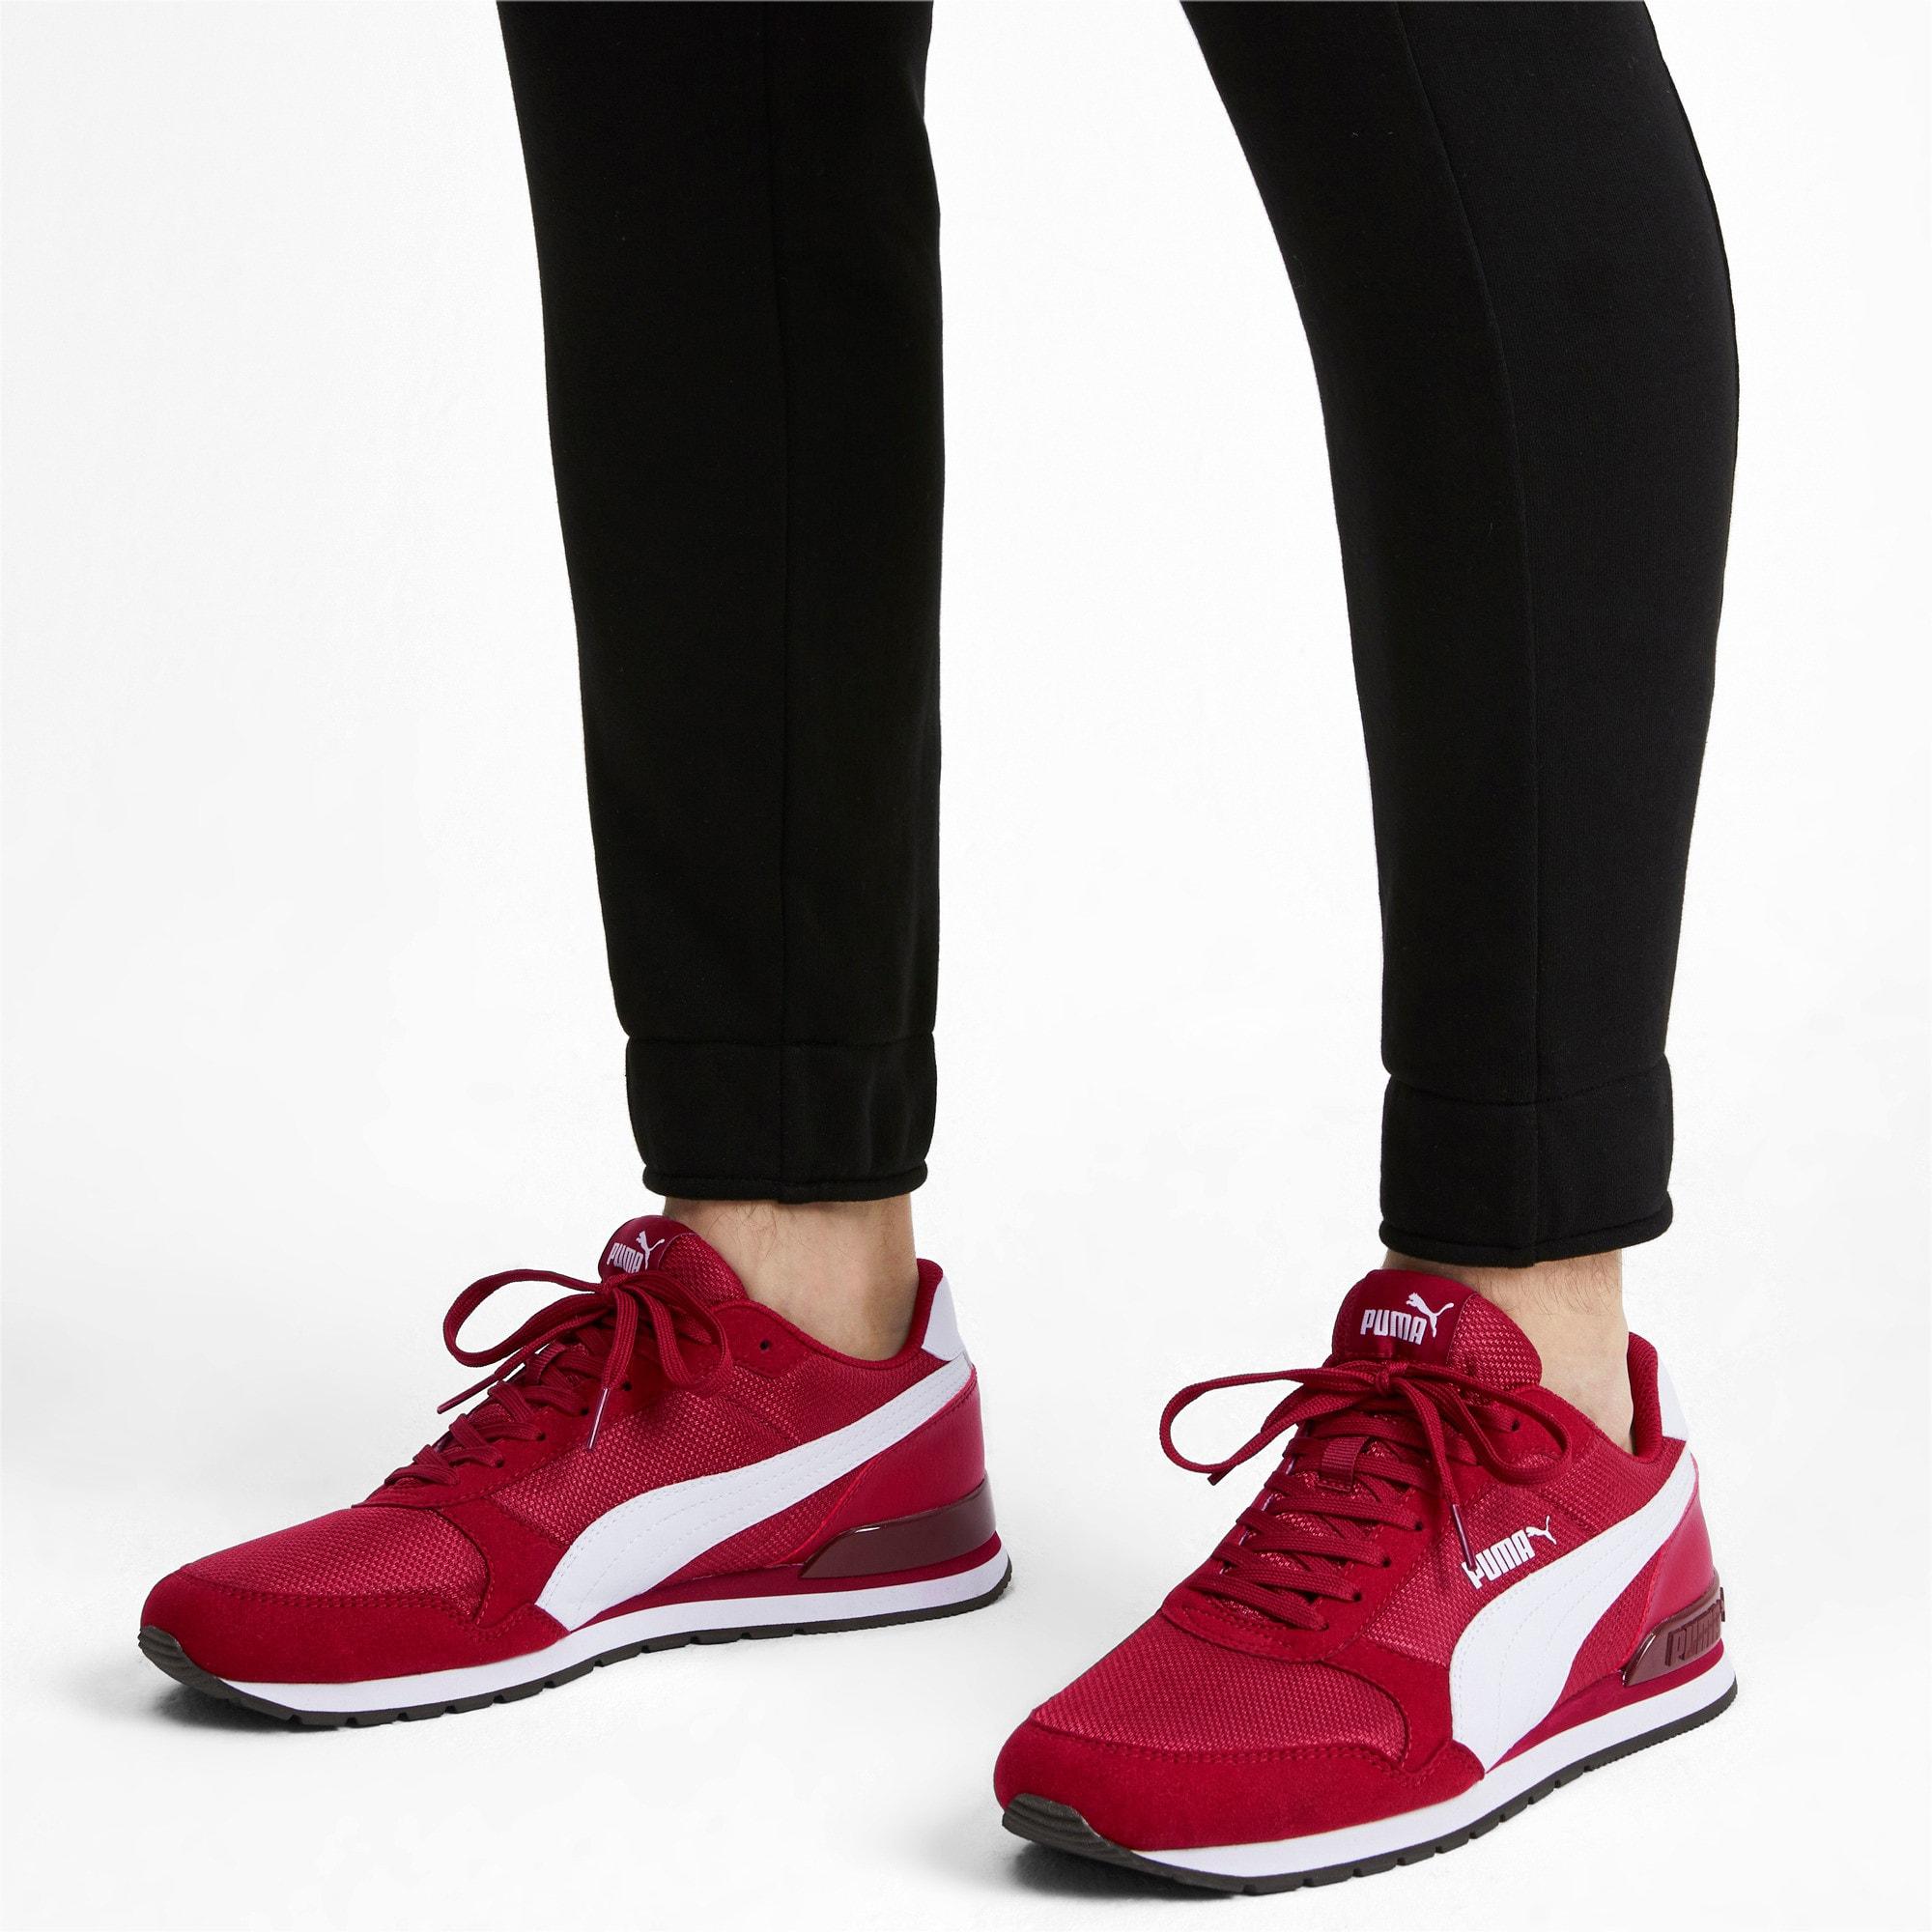 Miniatura 2 de Zapatos deportivos ST Runner v2 Mesh, Rhubarb-Puma White, mediano